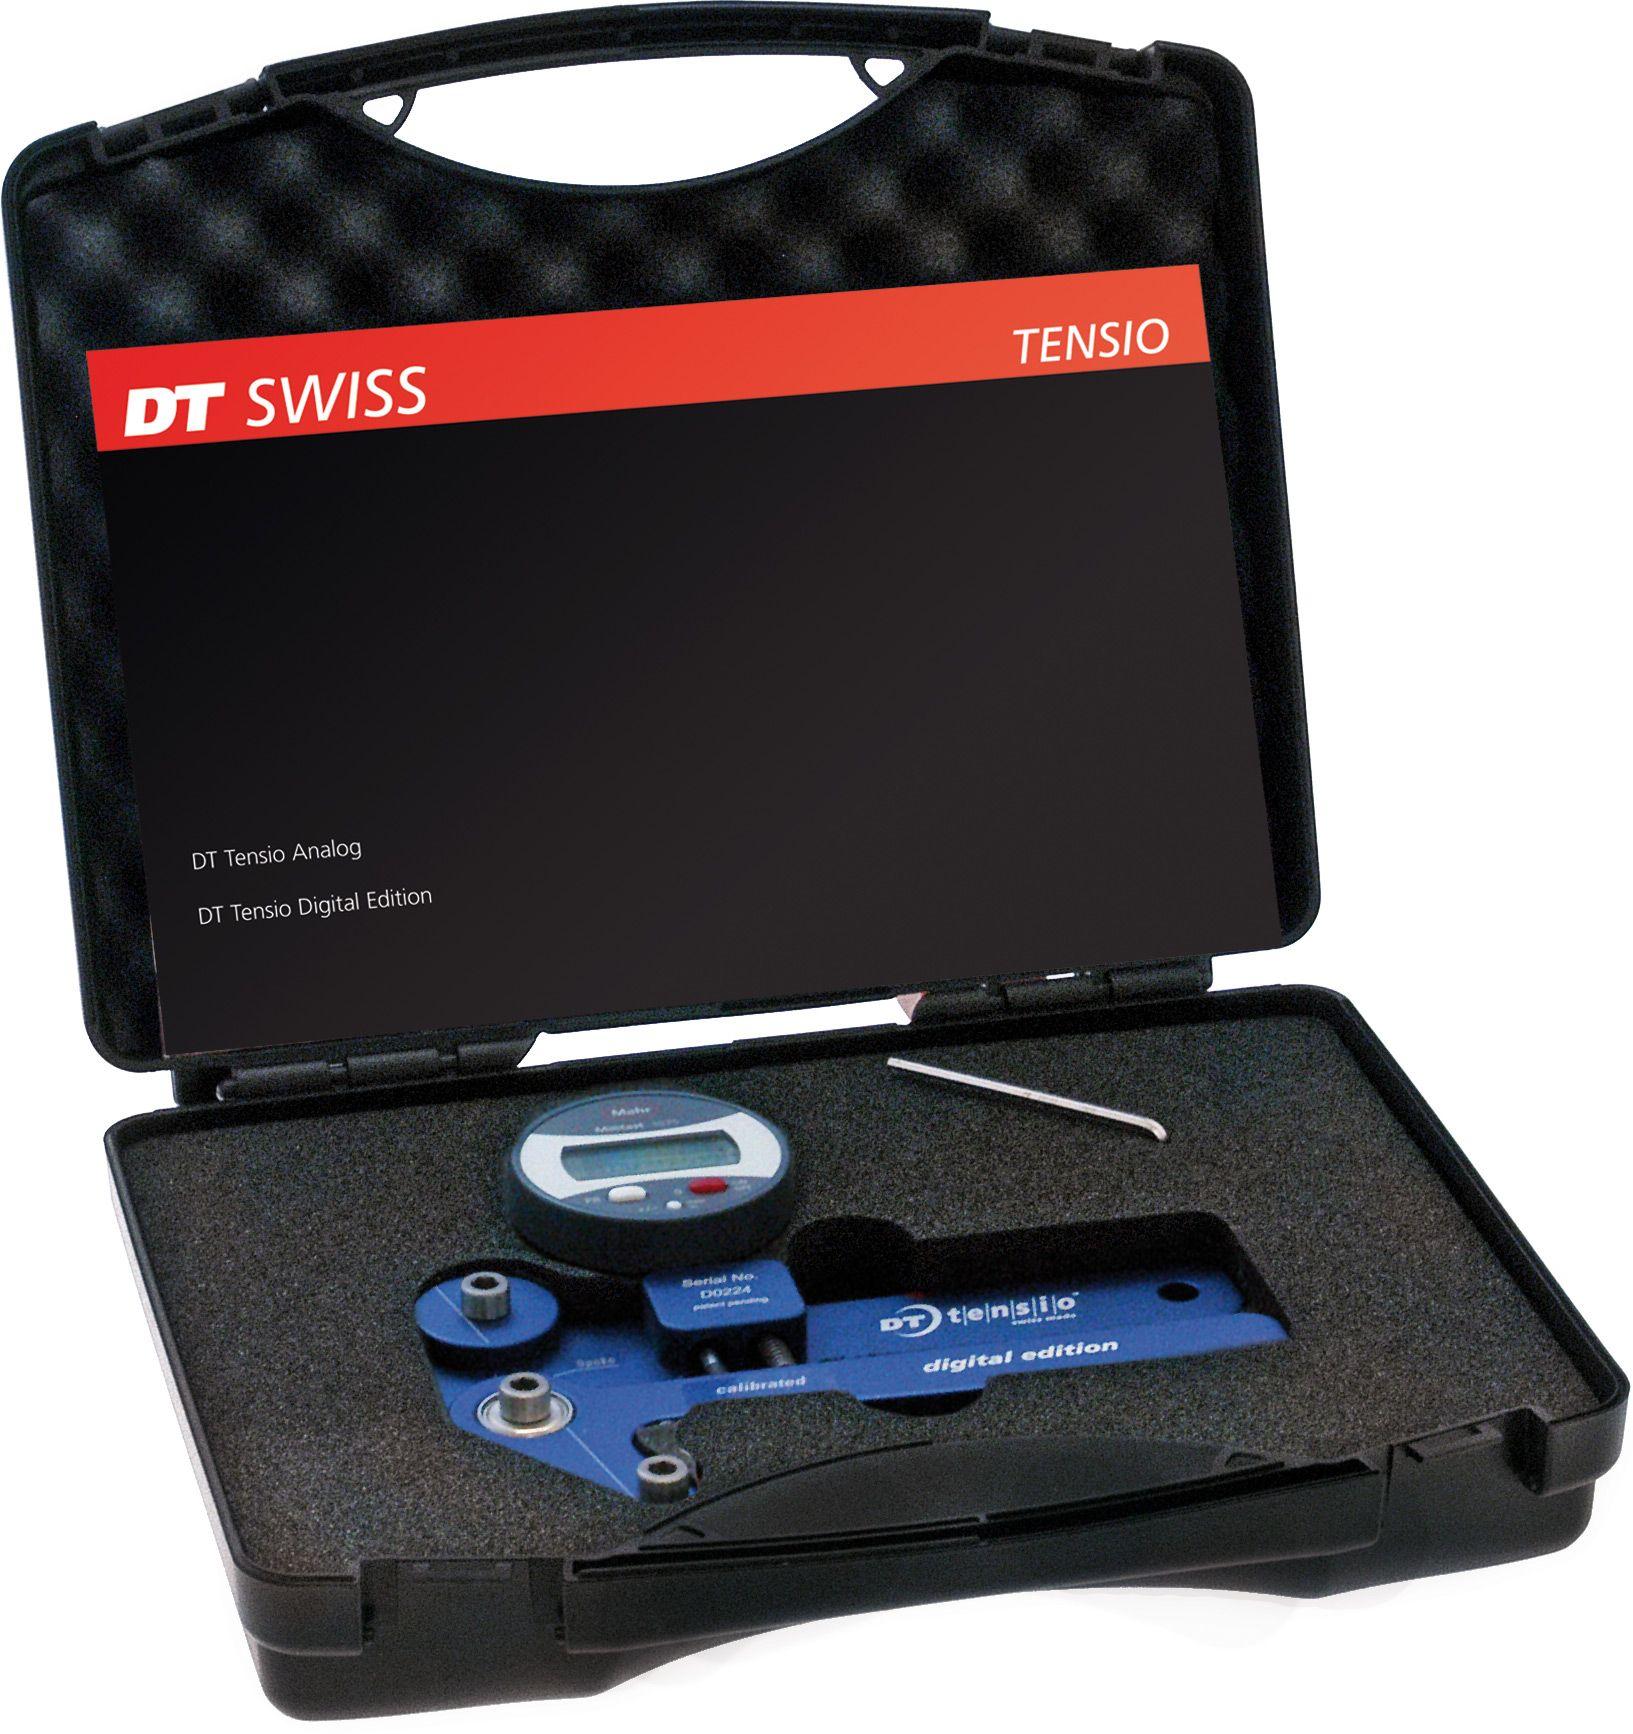 DT SWISS TOOL DT TENSIOMETERDIGITALBLUE BLUE TLDT109